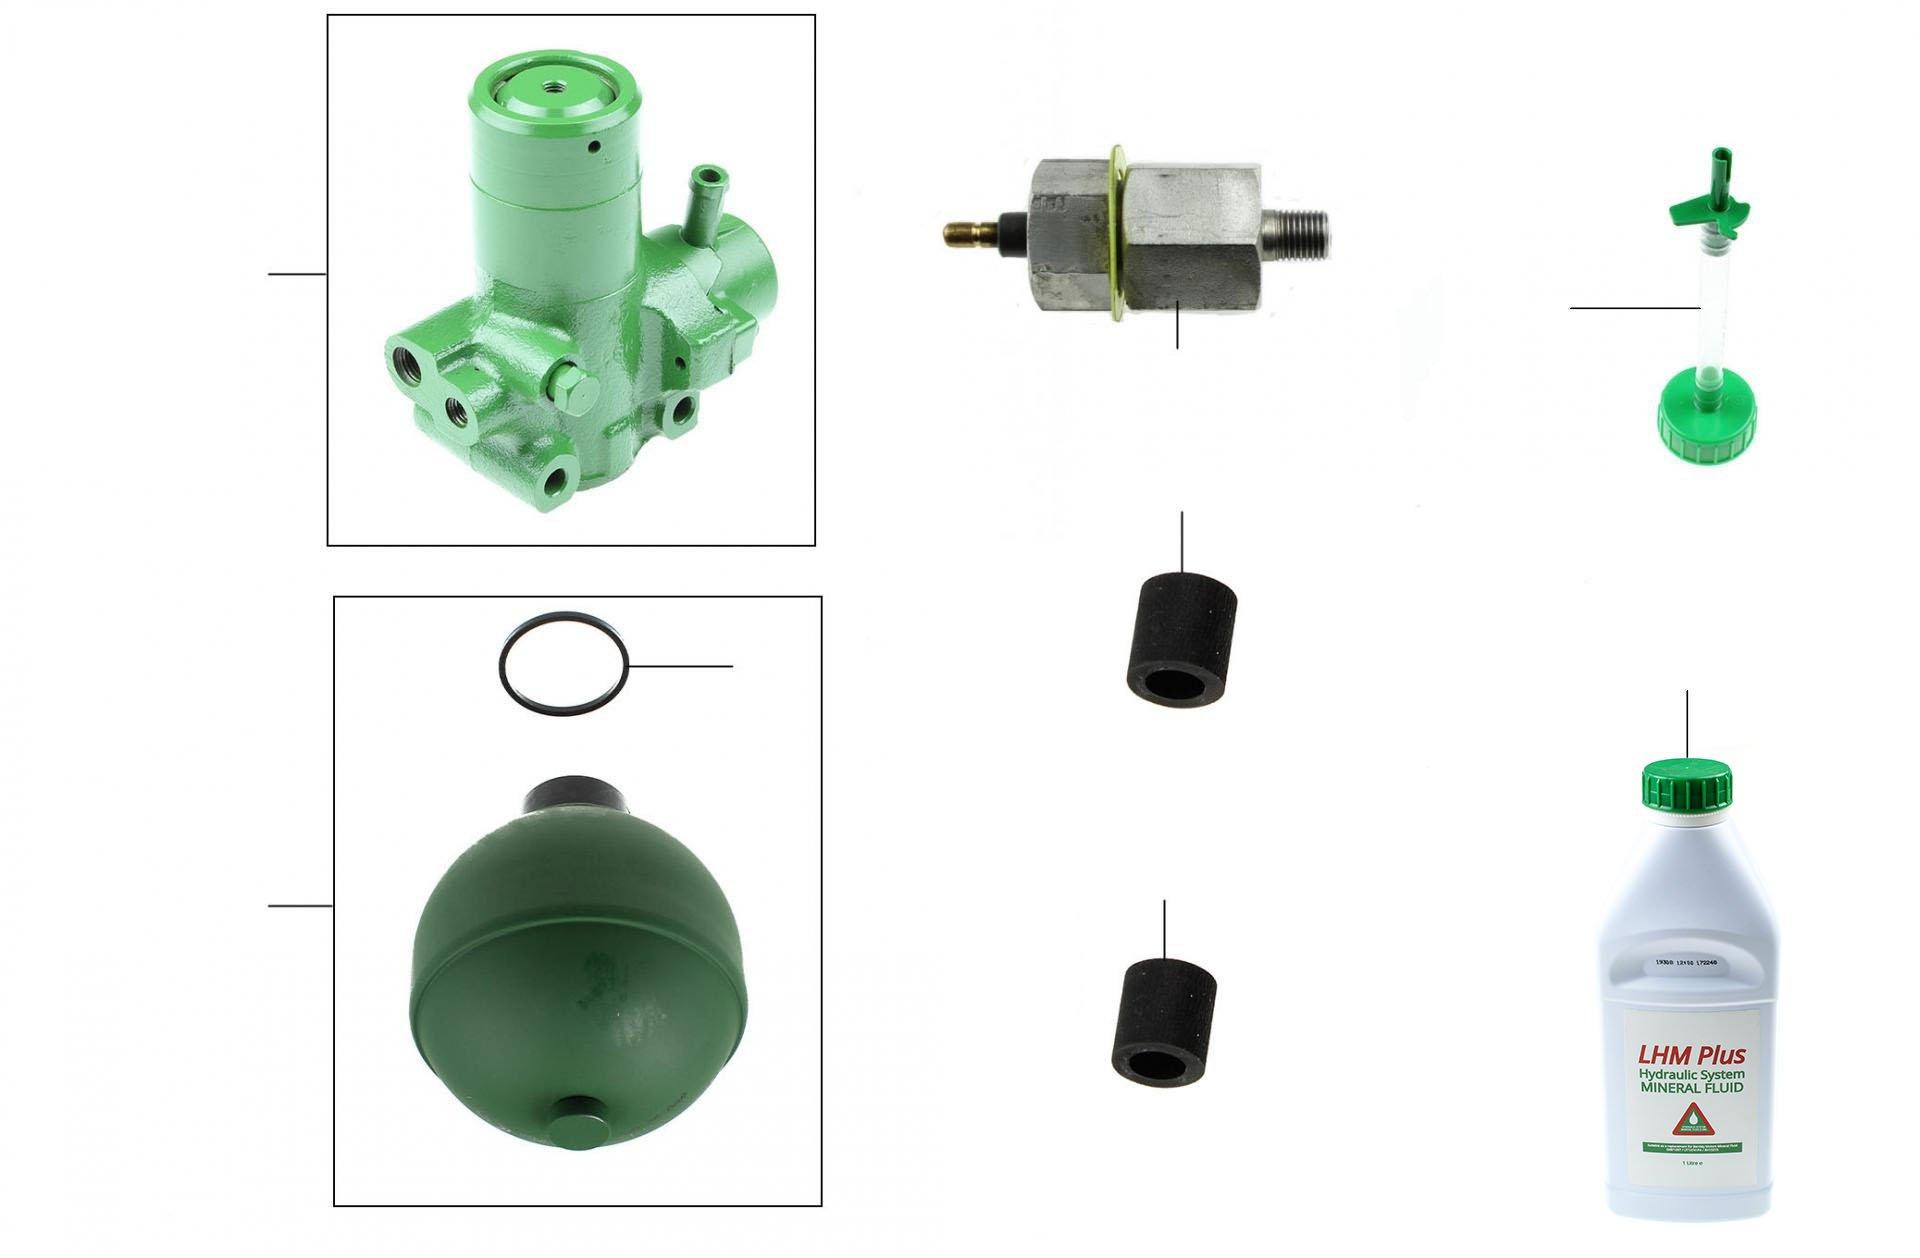 40434 Accumulator Spheres & Valve Bodies - VIN 50000 onwards (mineral fluid cars)